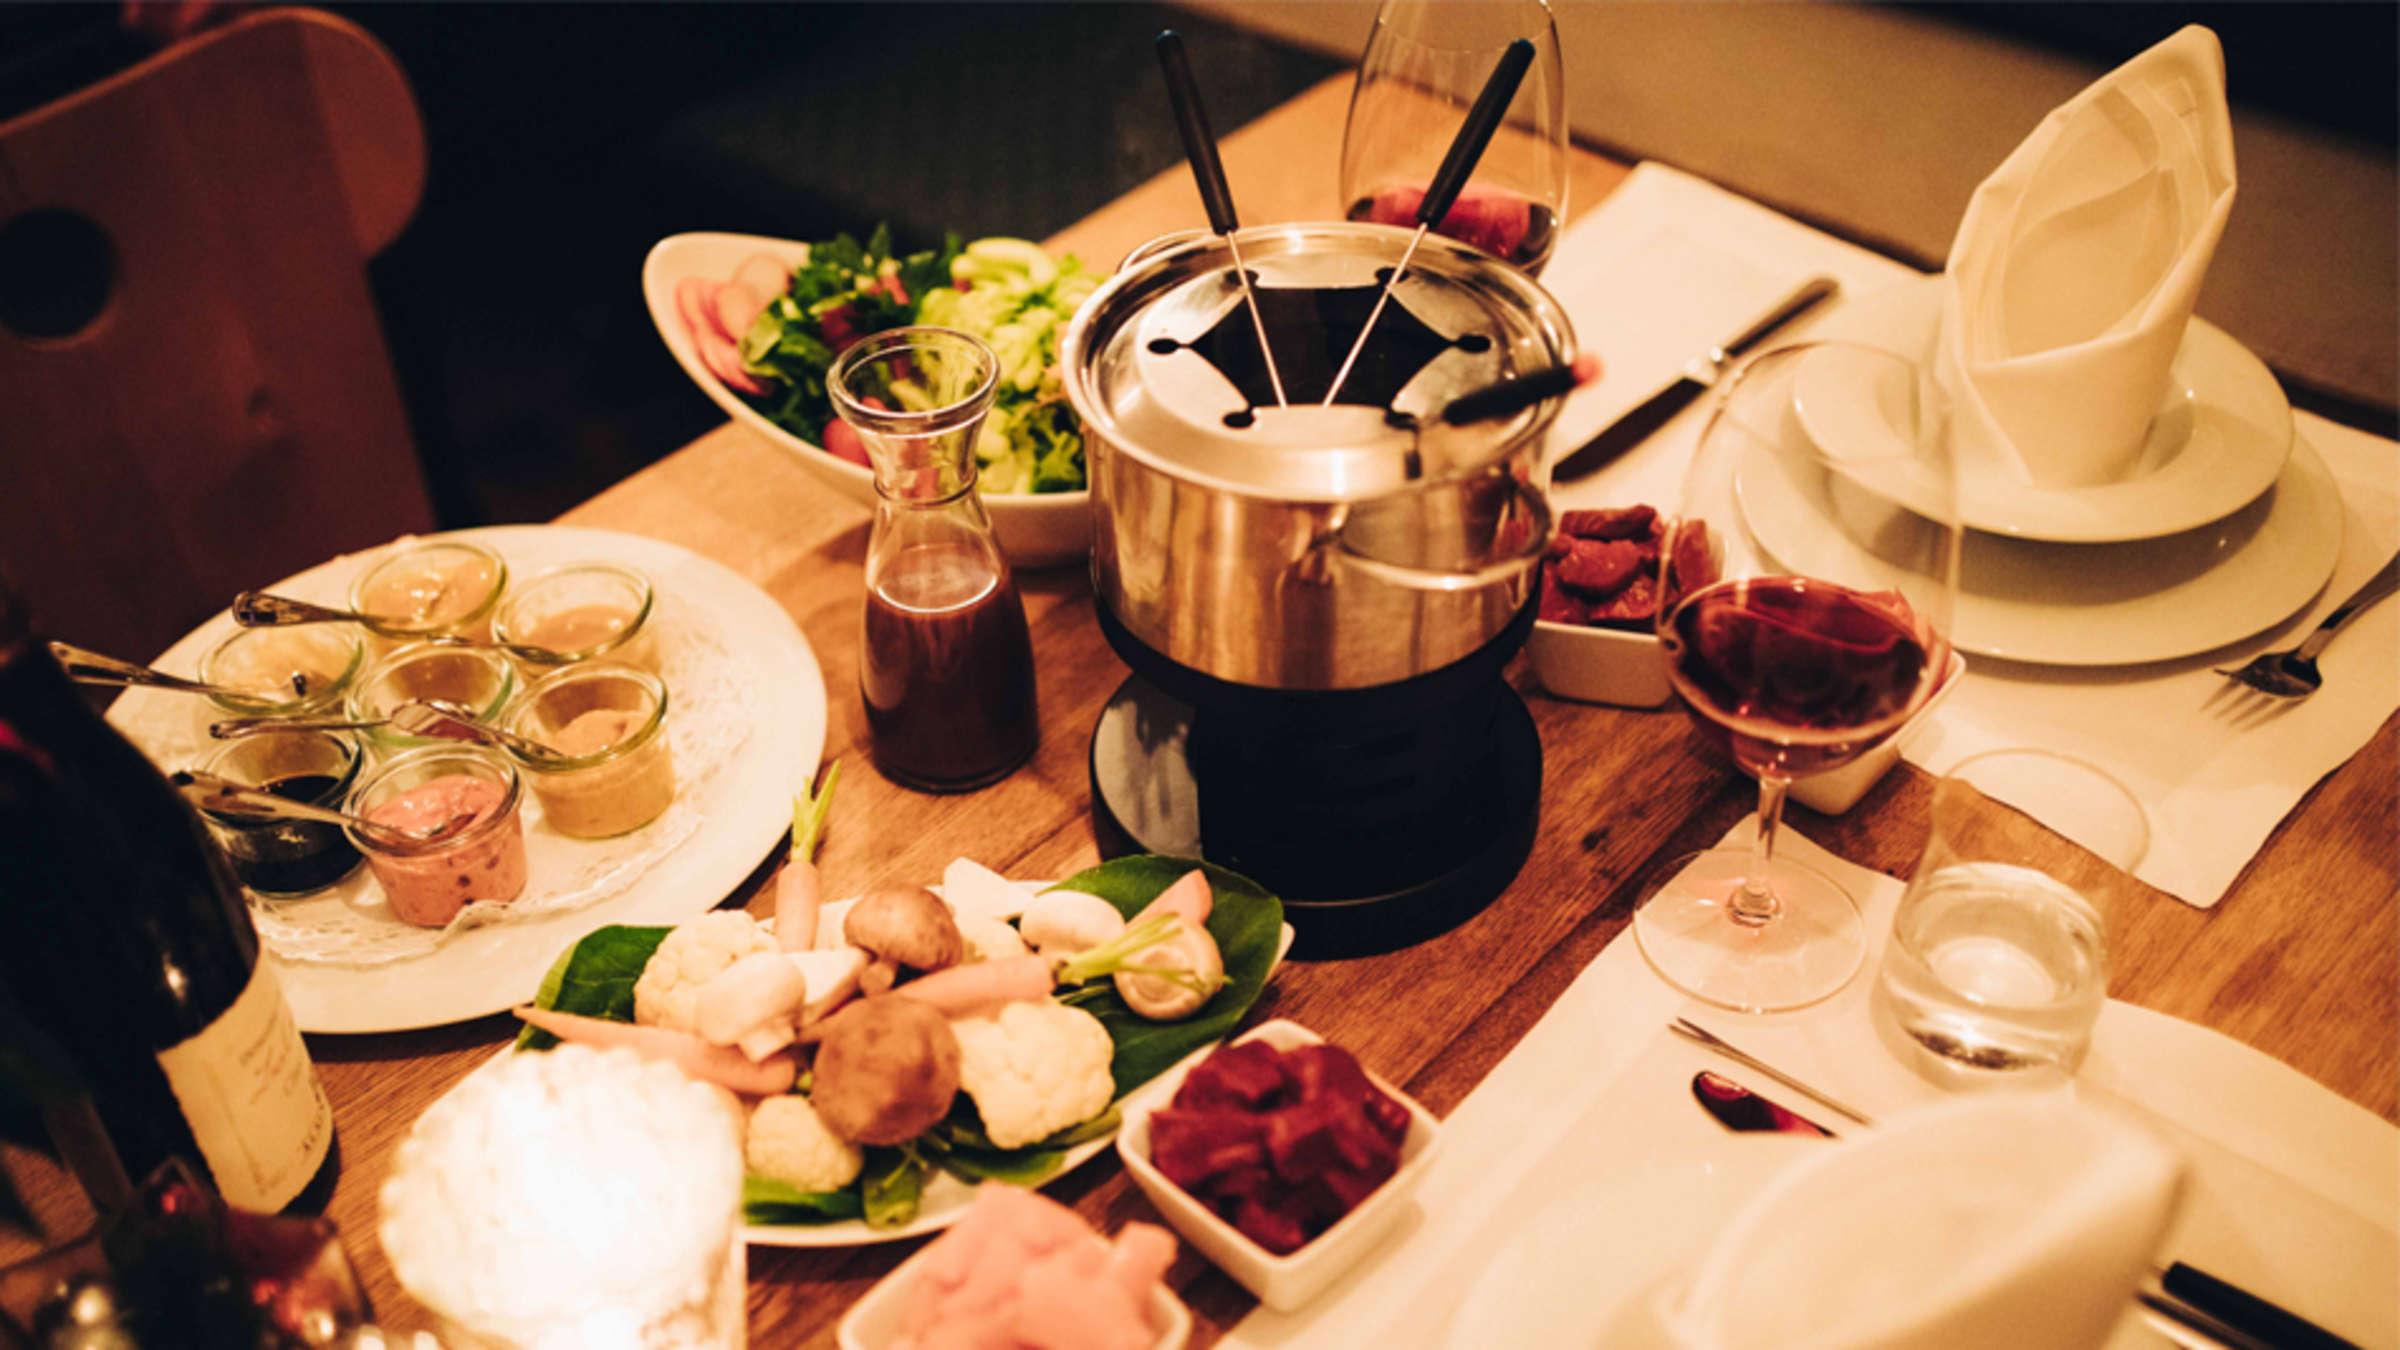 2 gänge menü romantisches essen rezepte valentinstag essen ideen rezepte für 2 personen romantisch tisch mit fondeu